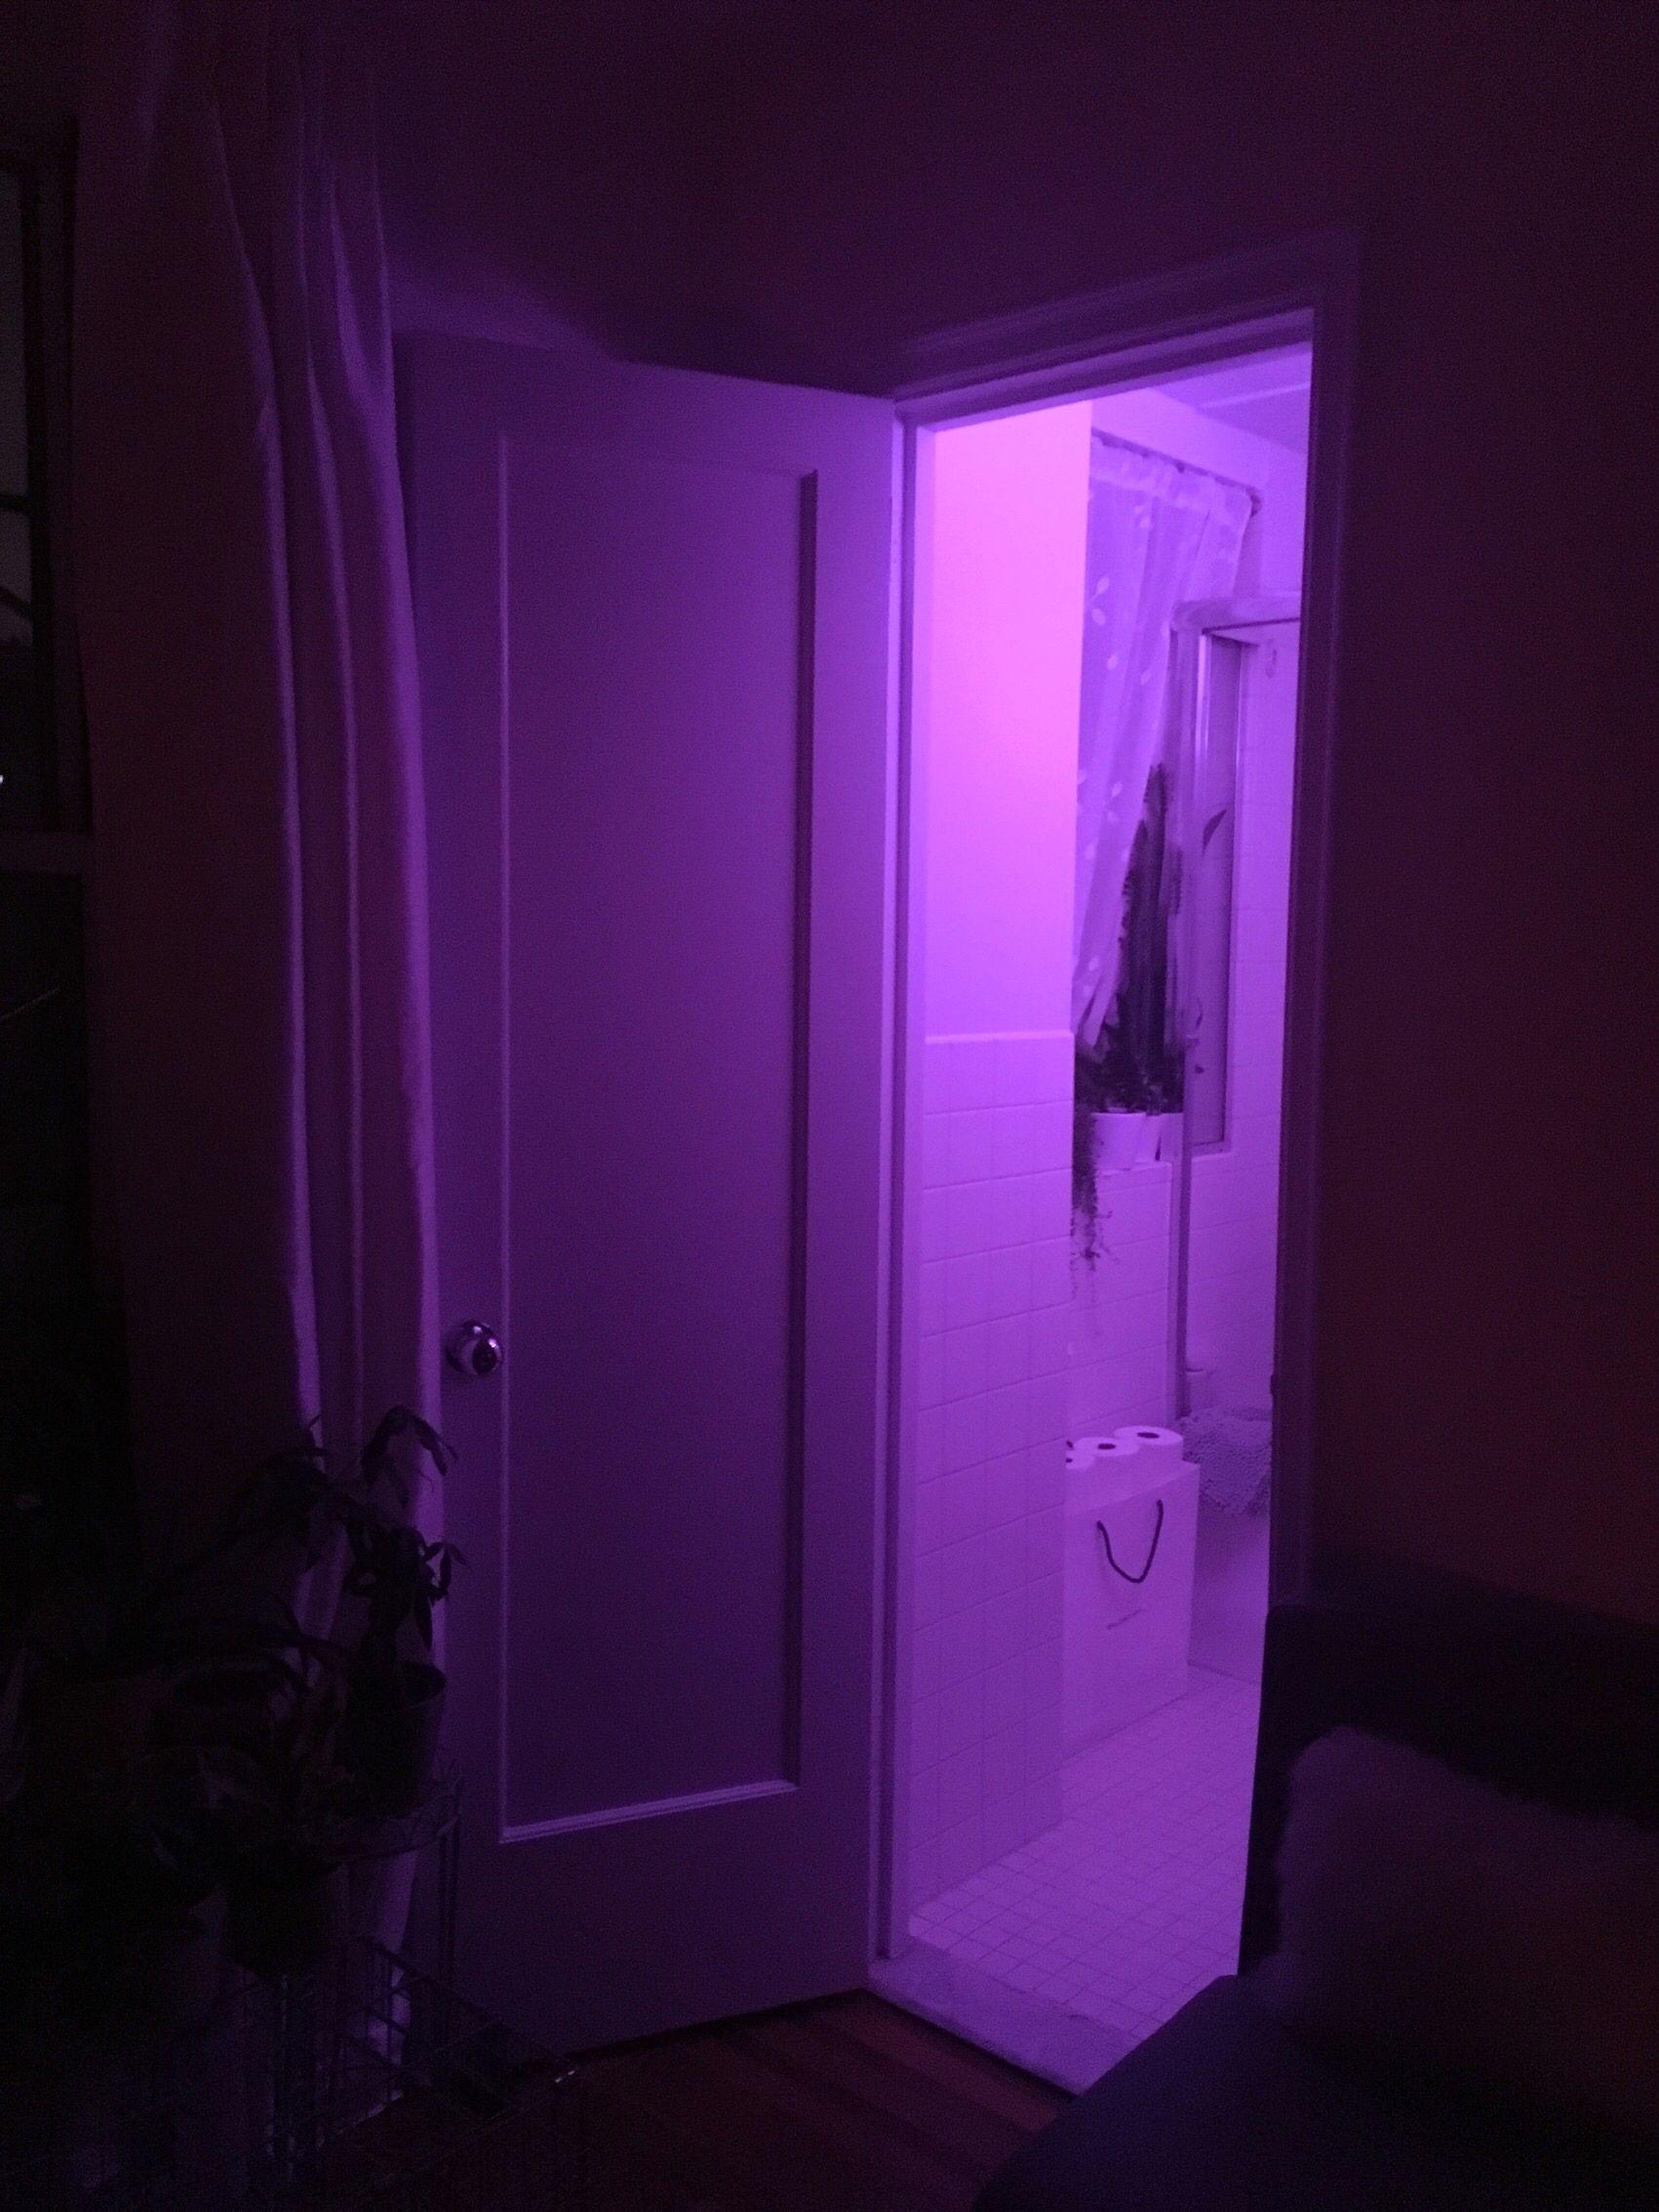 Purple Bathroom Aesthetic Purple Bathrooms Pink